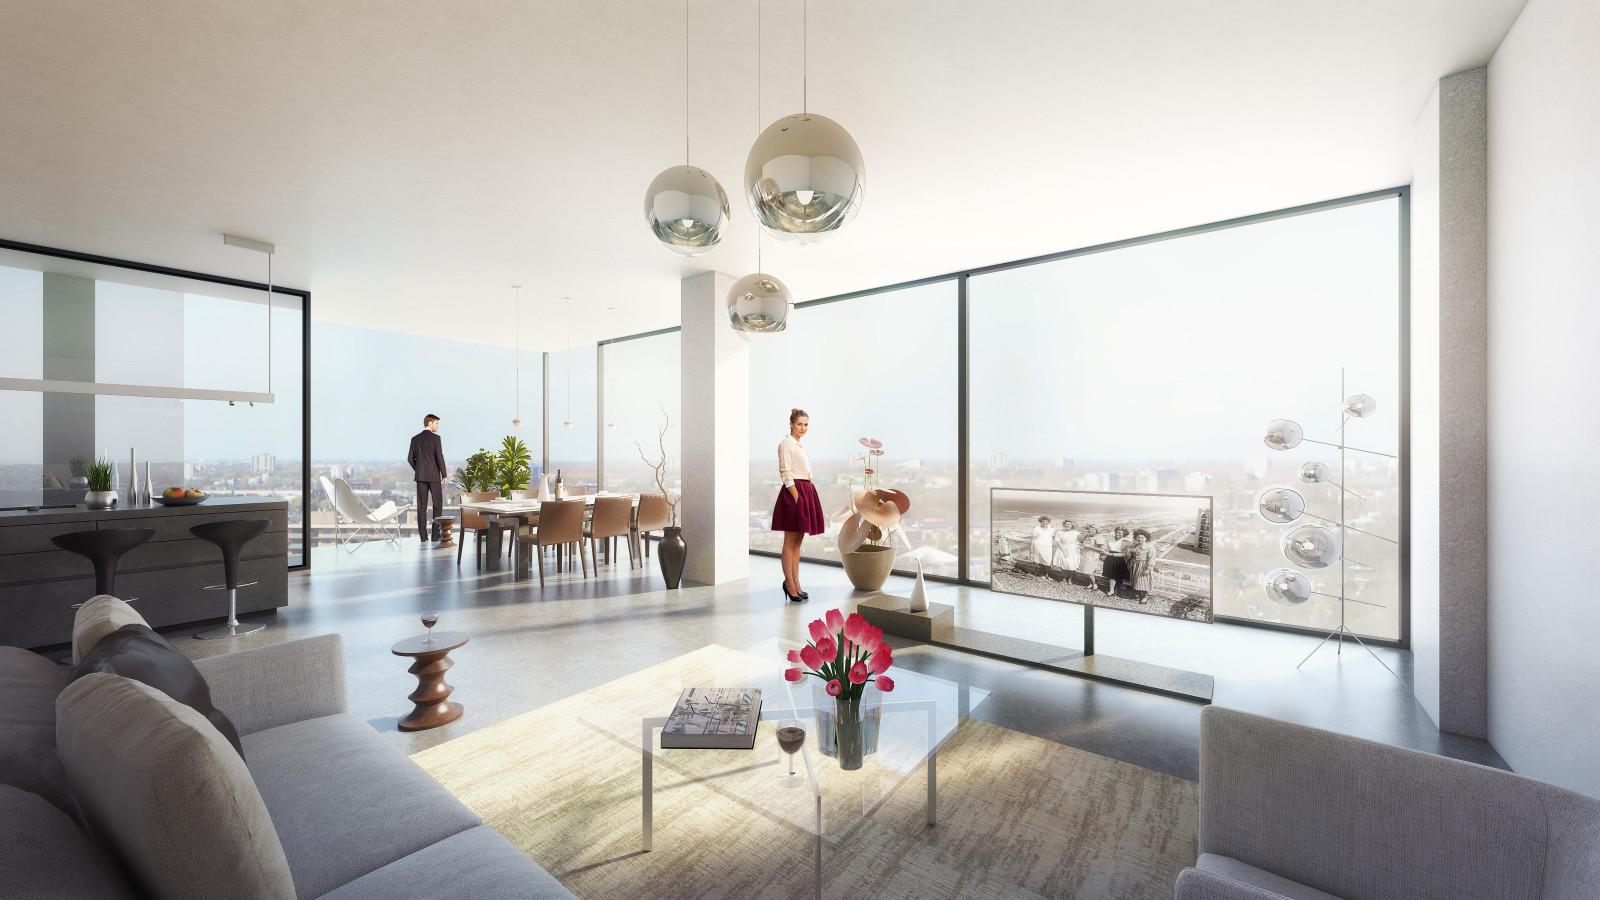 Transformatie belastingkantoor Rijswijk tot woongebouw door Mei Architects